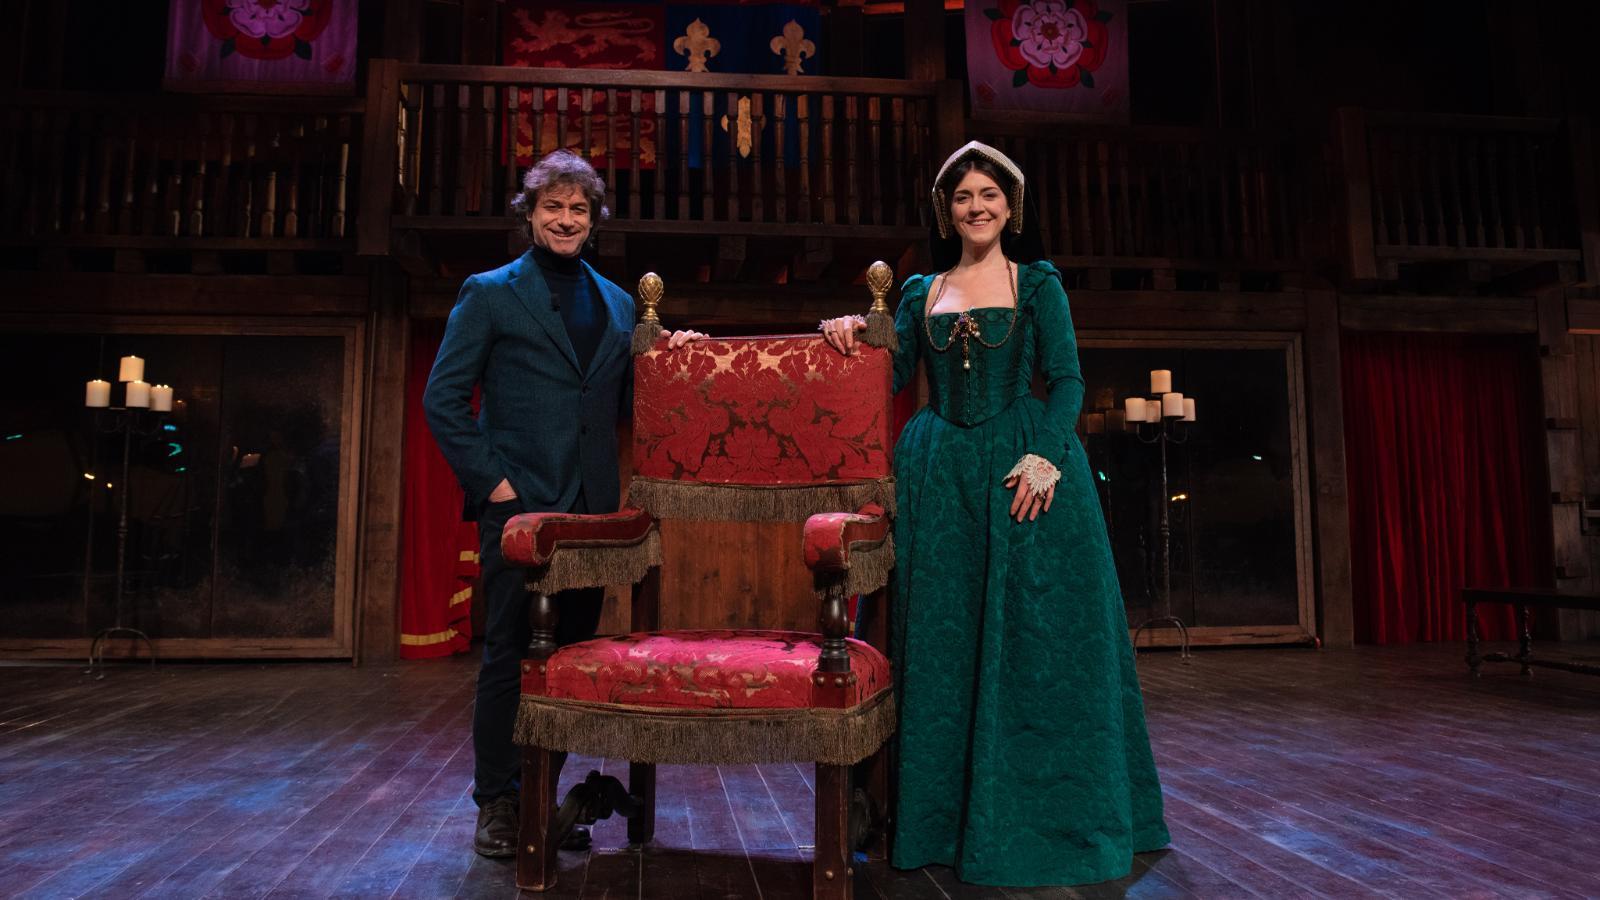 Angela e Barbero alleati per raccontare Enrico VIII dal punto di vista delle sue mogli